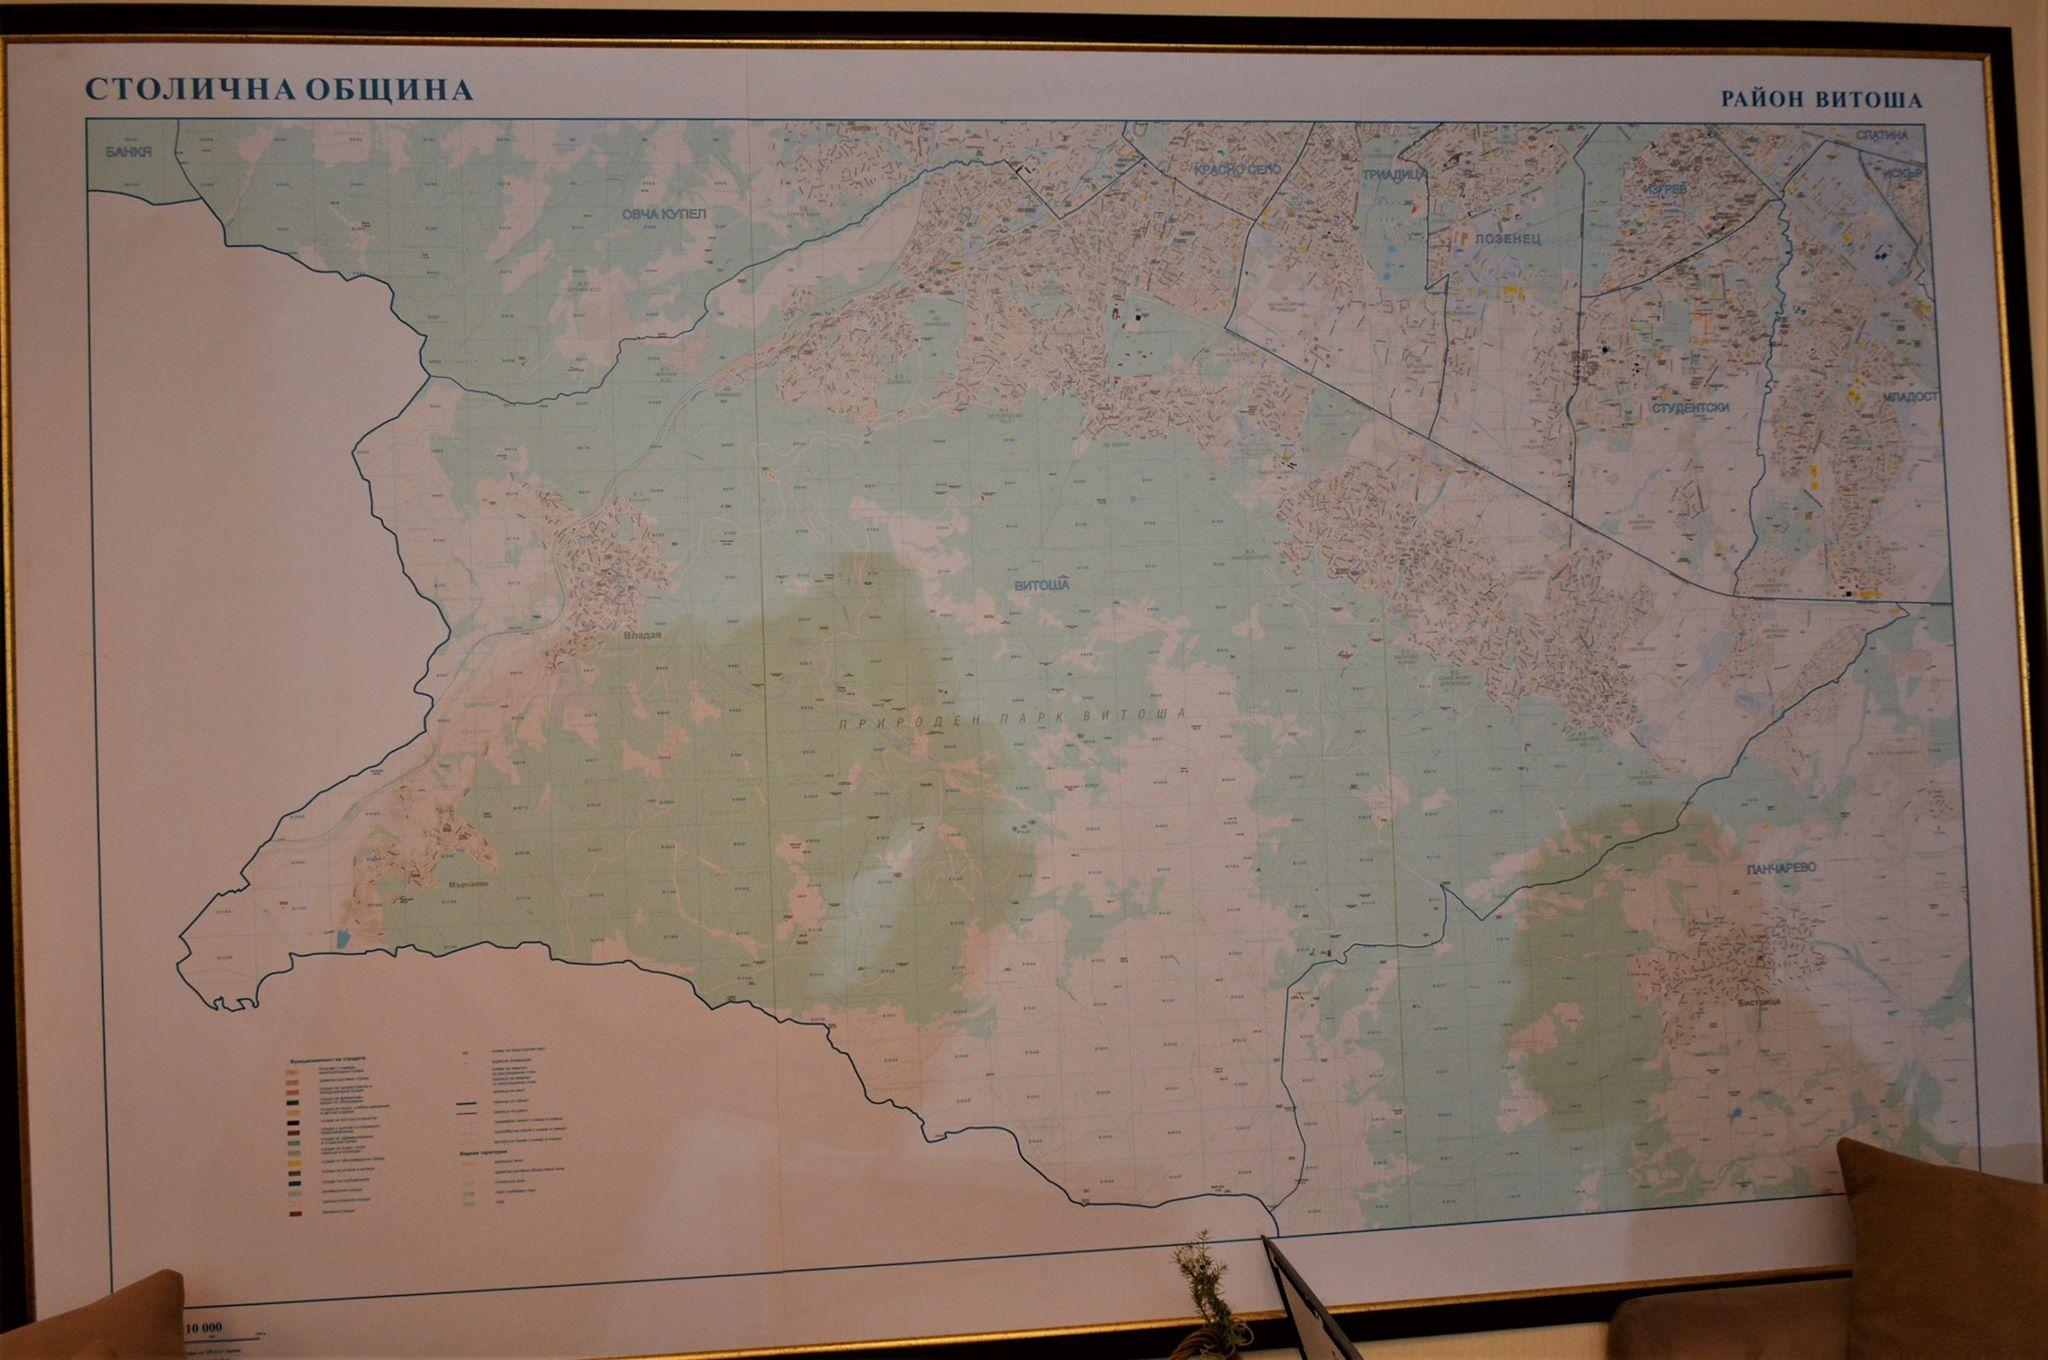 карта на район Витоша